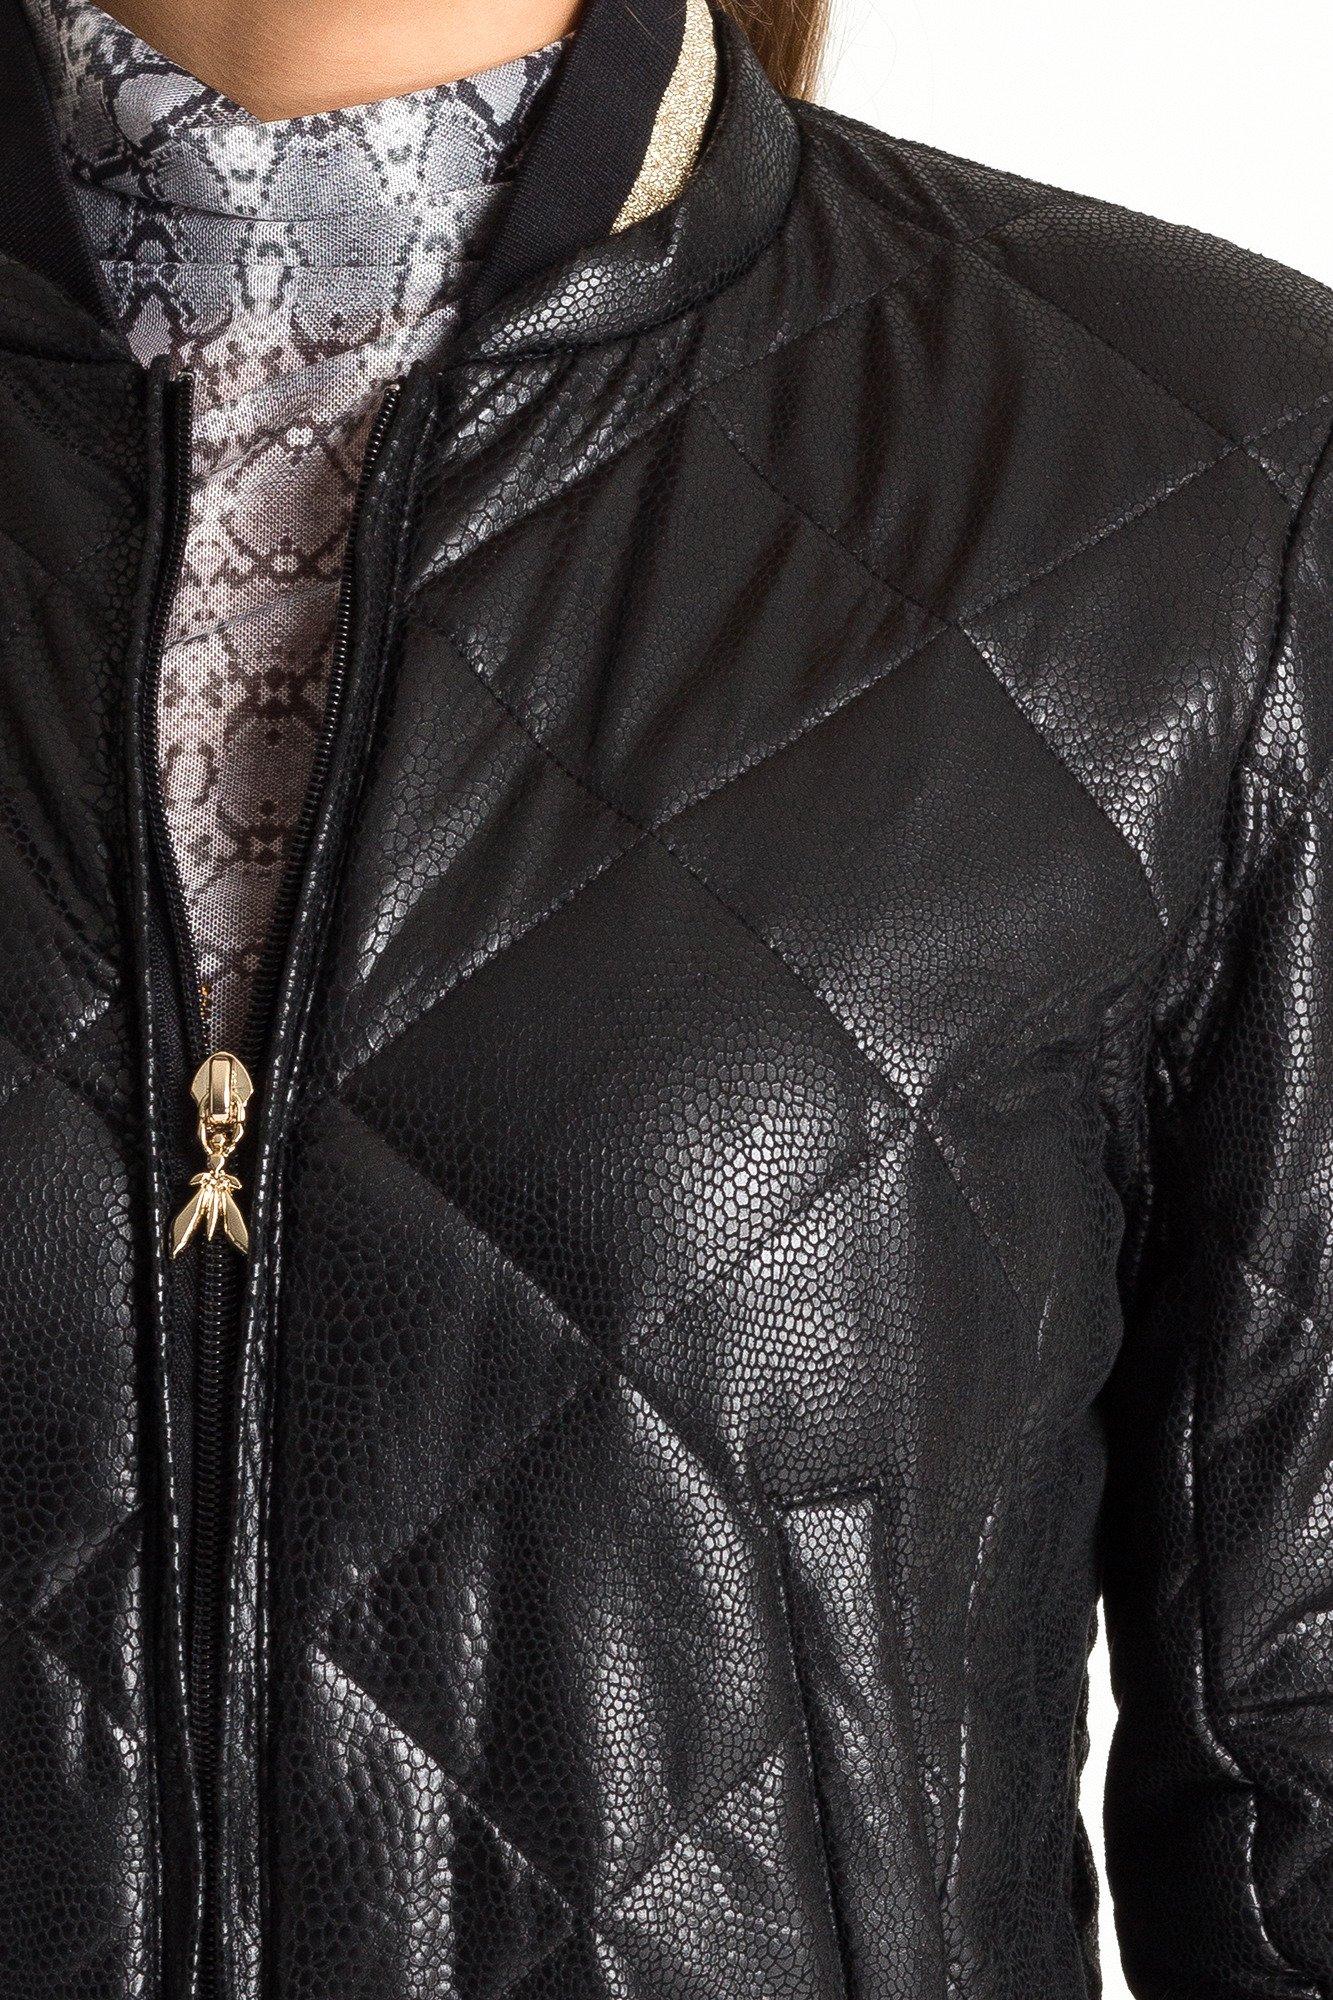 Czarna pikowana kurtka damska we wzór skóry węża